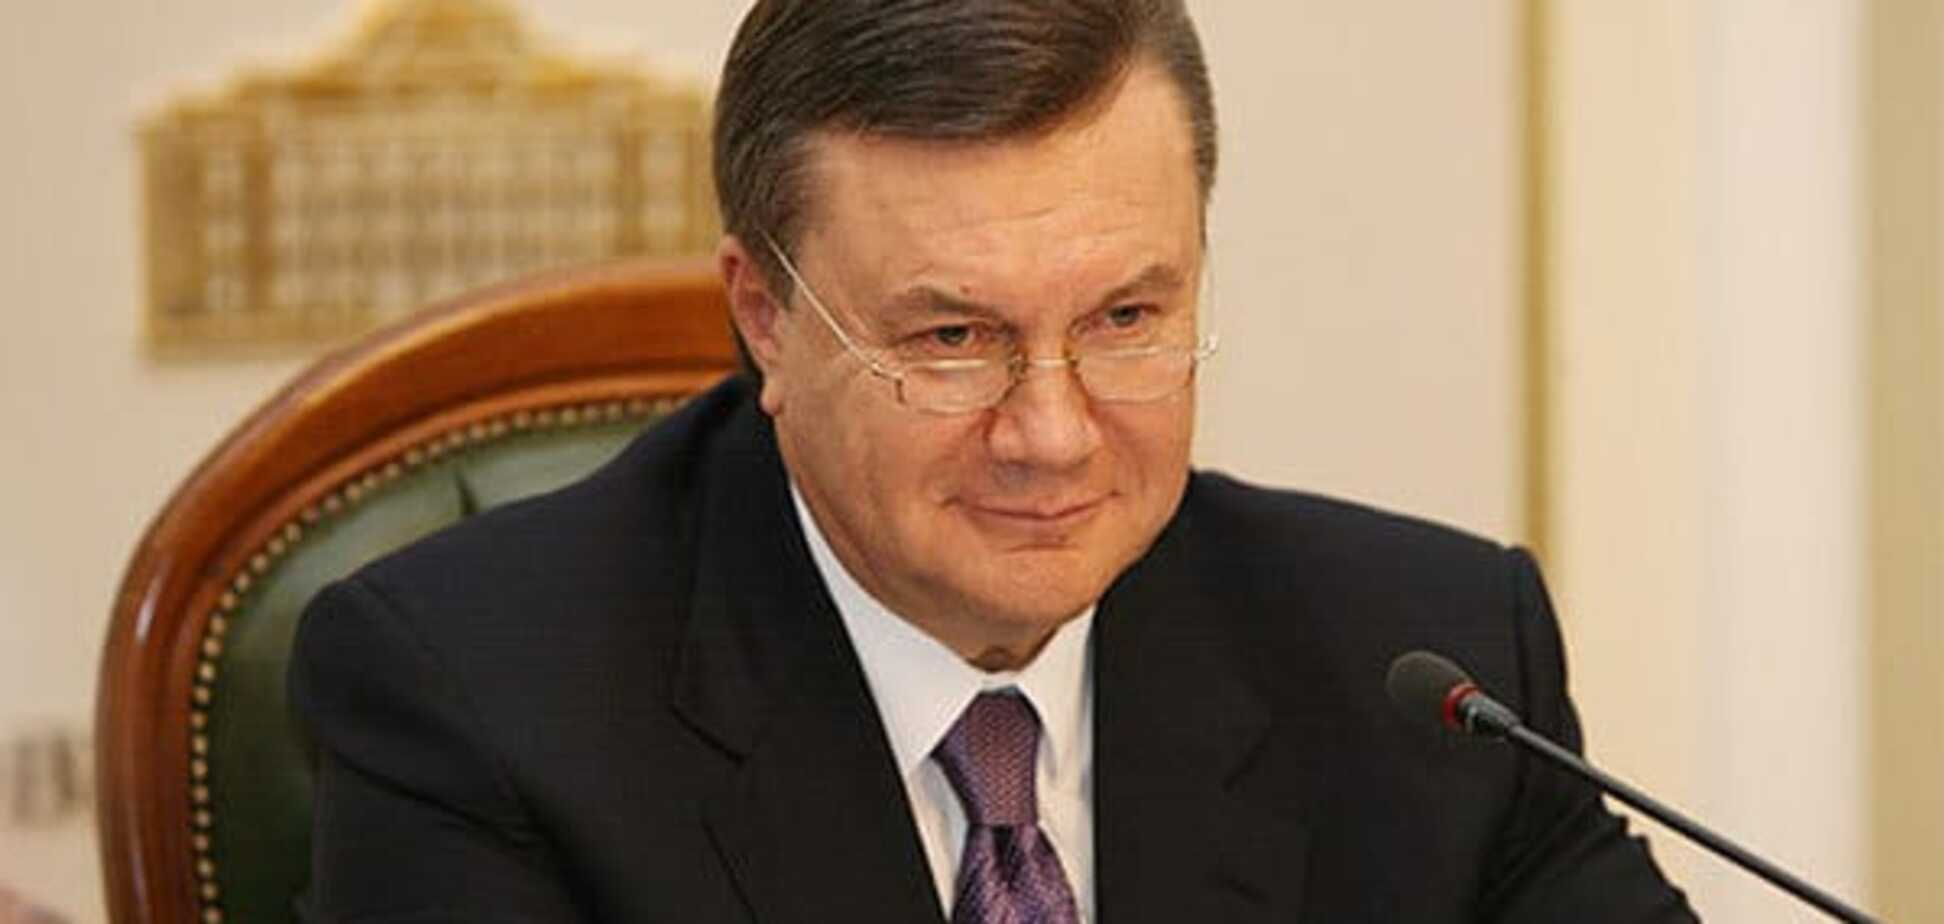 Журналисты узнали, кому принадлежат вертолетные площадки Януковича